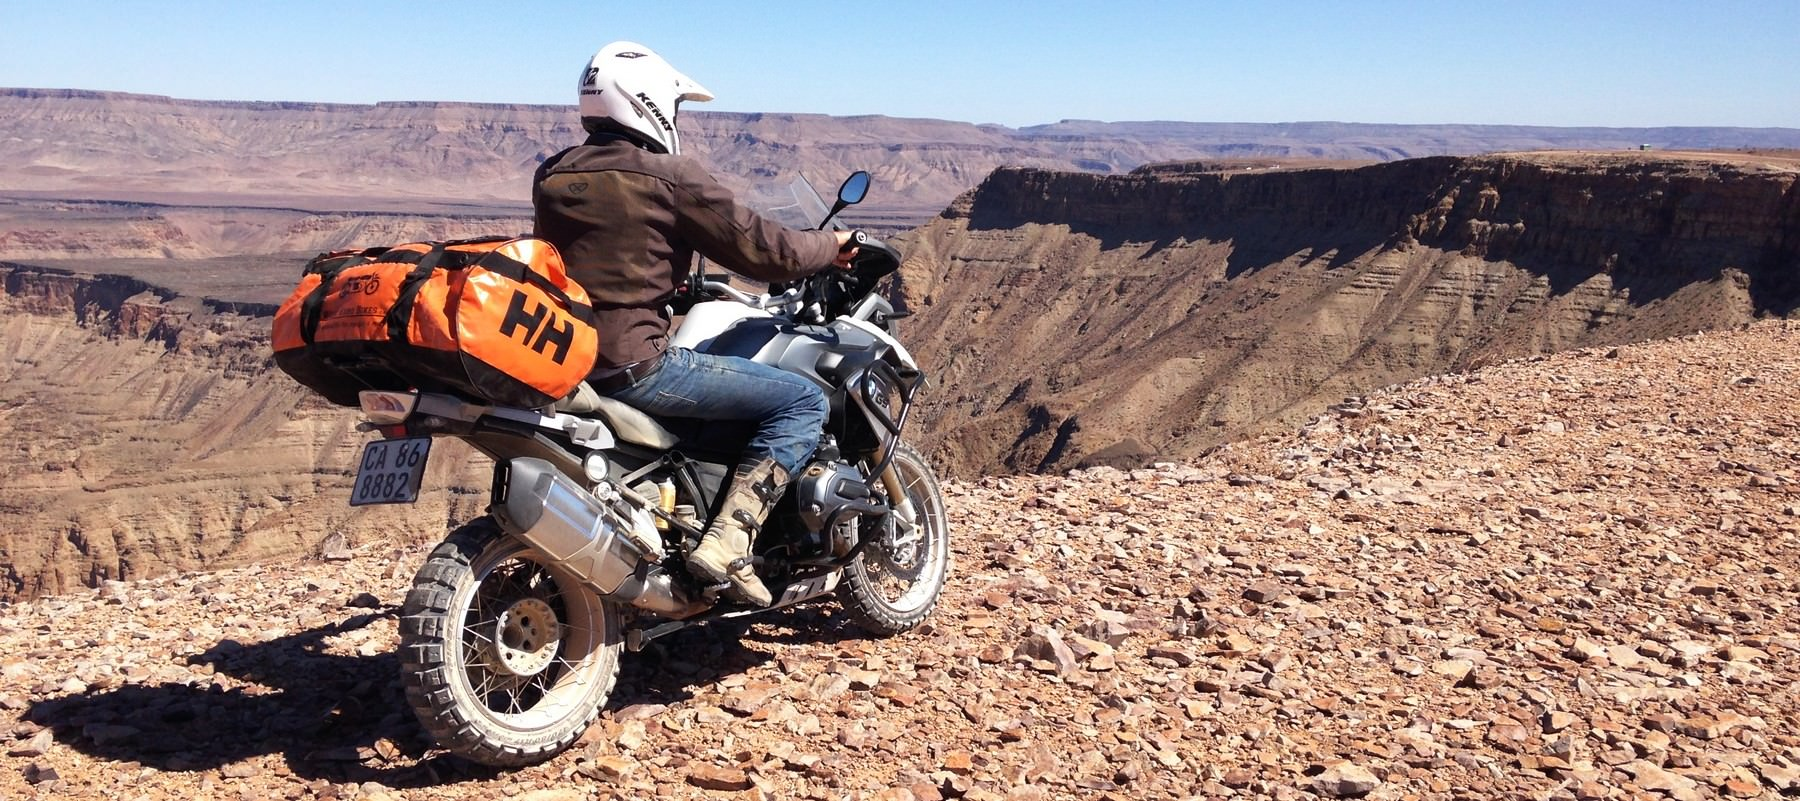 voyage a moto en namibie